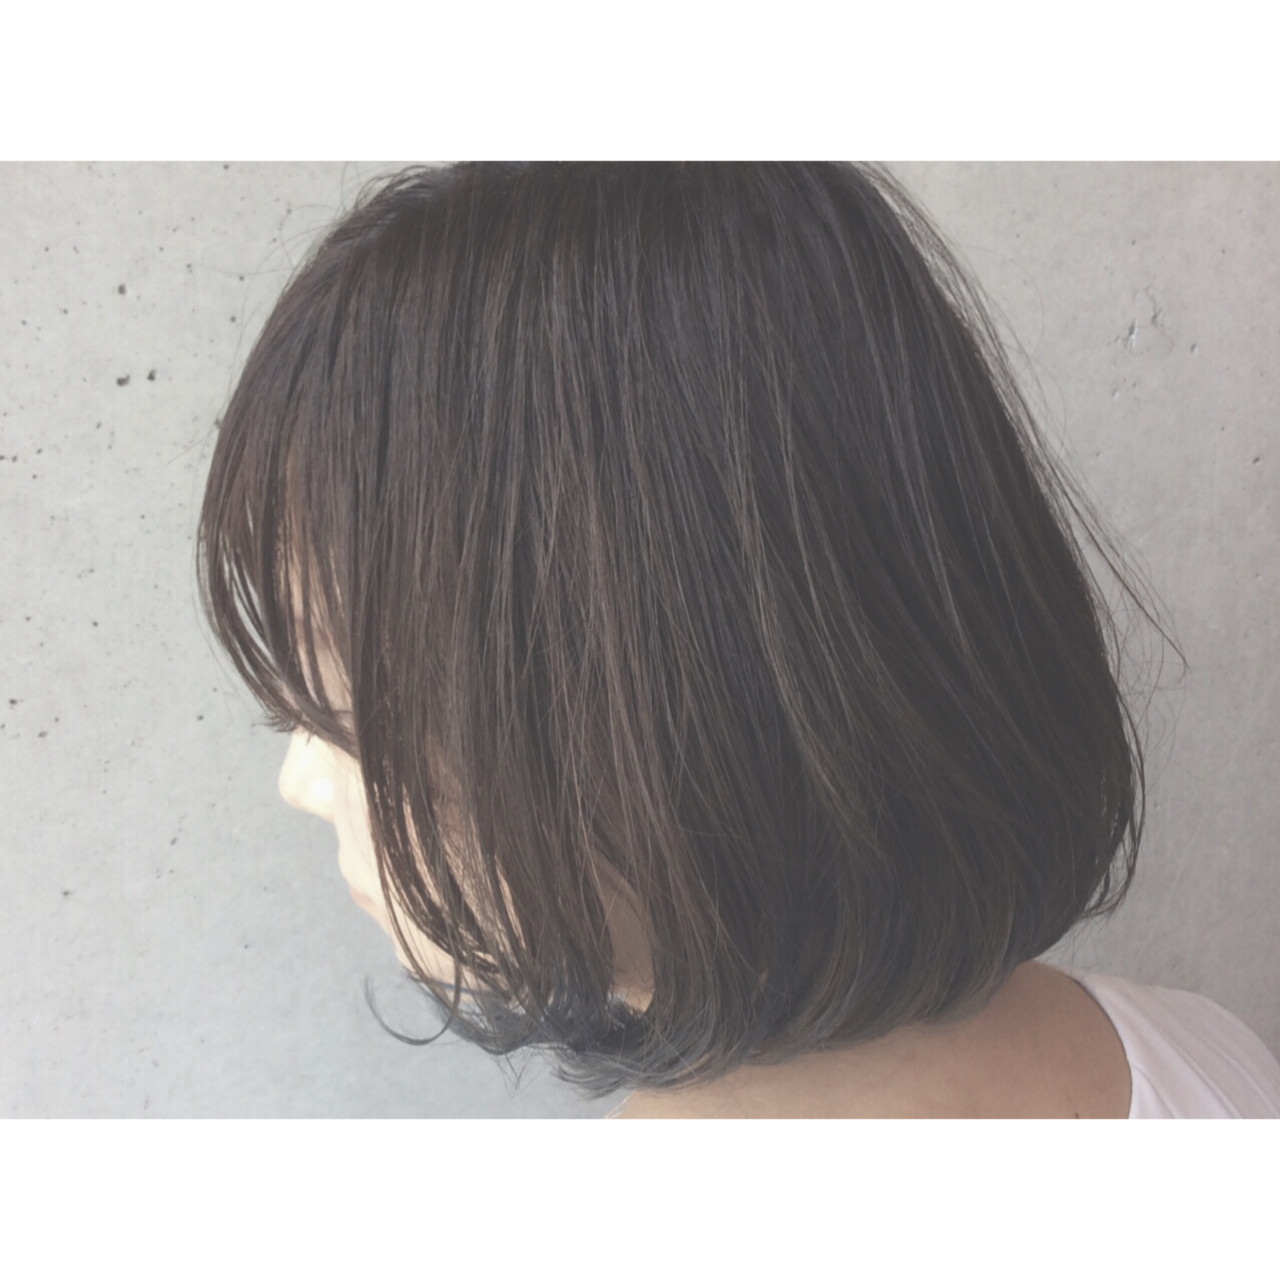 ボブ グラデーションカラー 暗髪 フェミニン ヘアスタイルや髪型の写真・画像